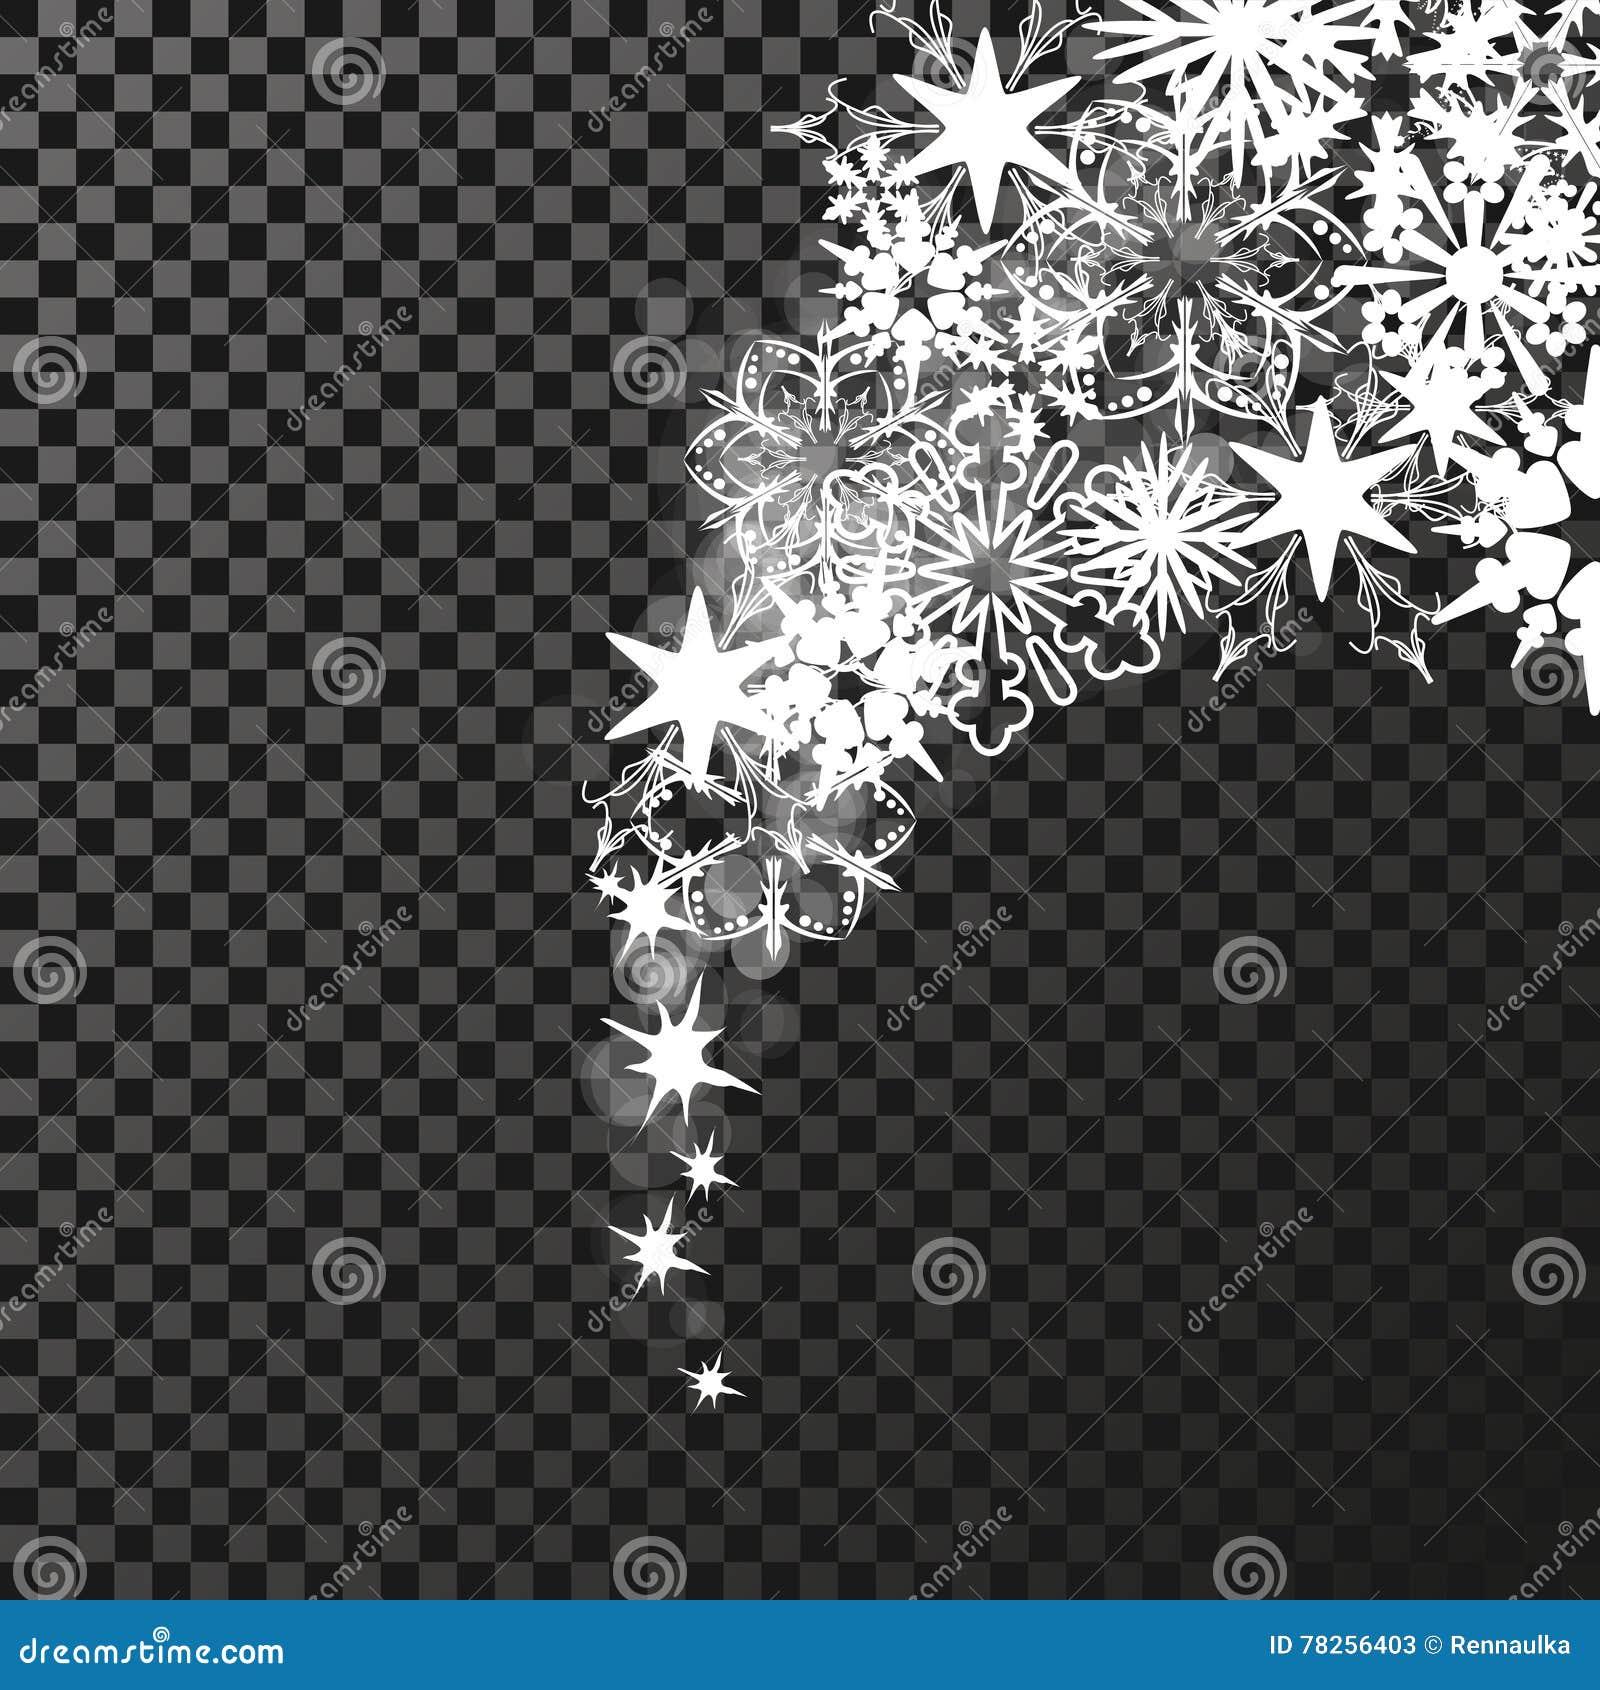 Άσπρα σύμβολα σπινθηρισμάτων στο σκοτεινό υπόβαθρο - το αστέρι ακτινοβολεί, αστρική φλόγα διαφάνειας Να λάμψει αντανακλάσεις